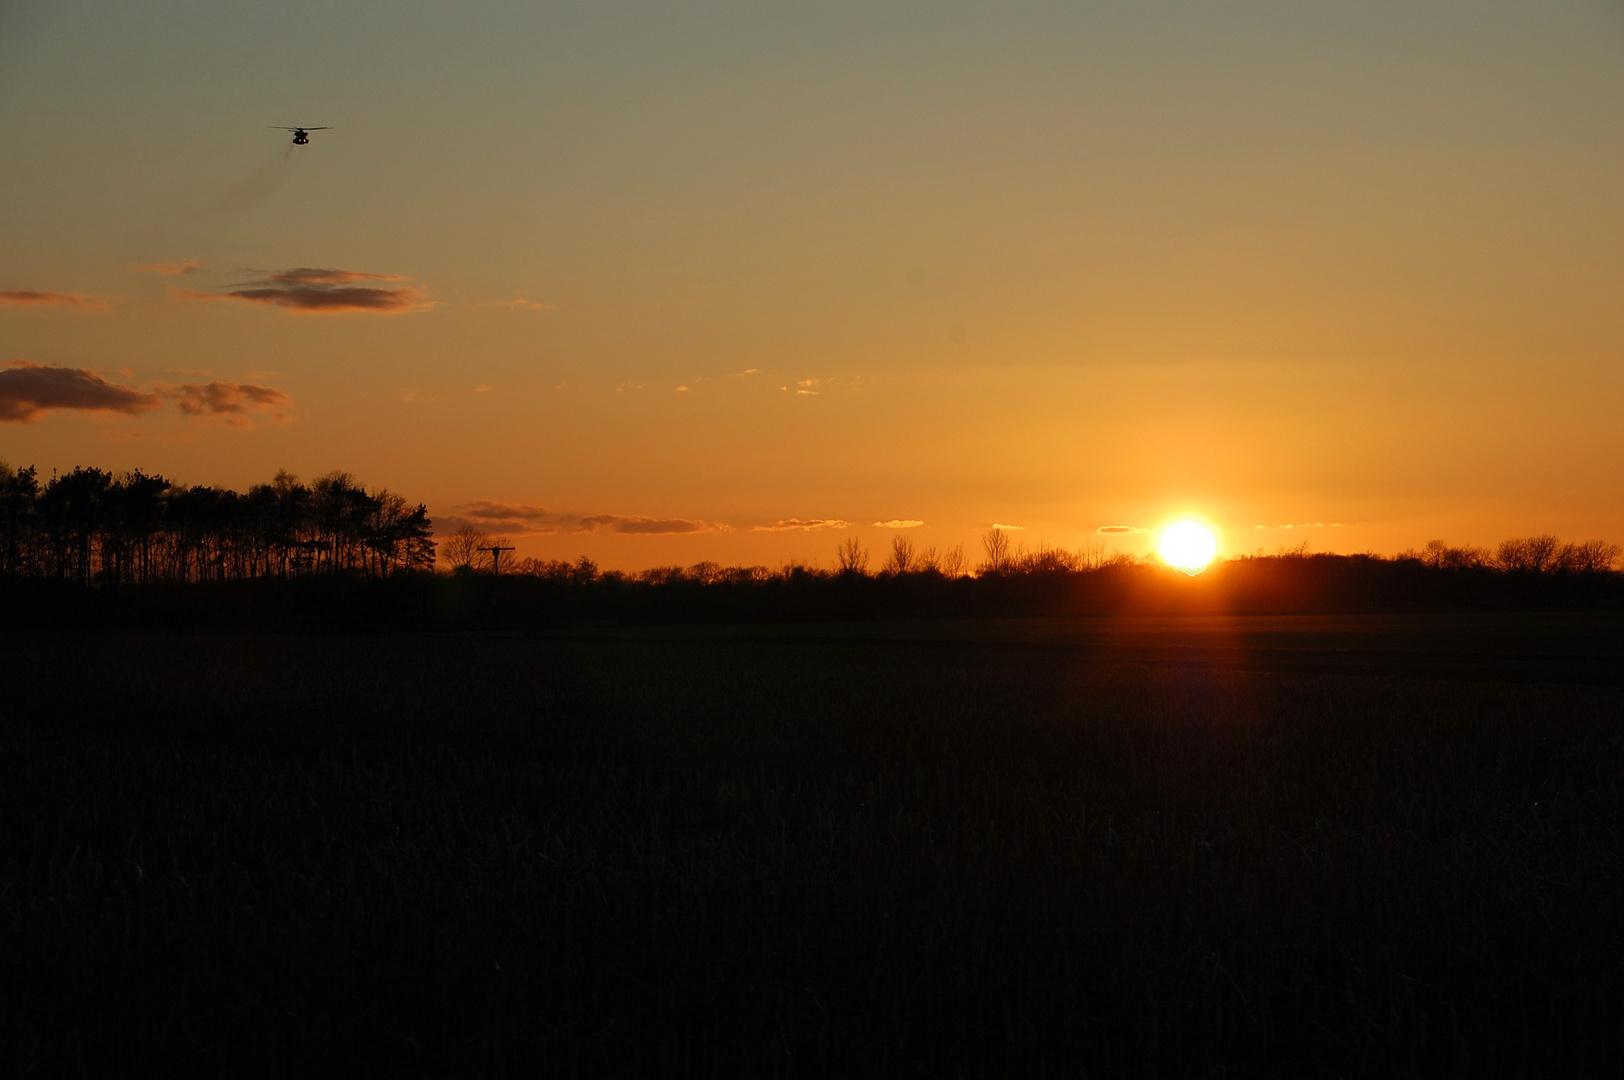 Anflug im Sonnenuntergang